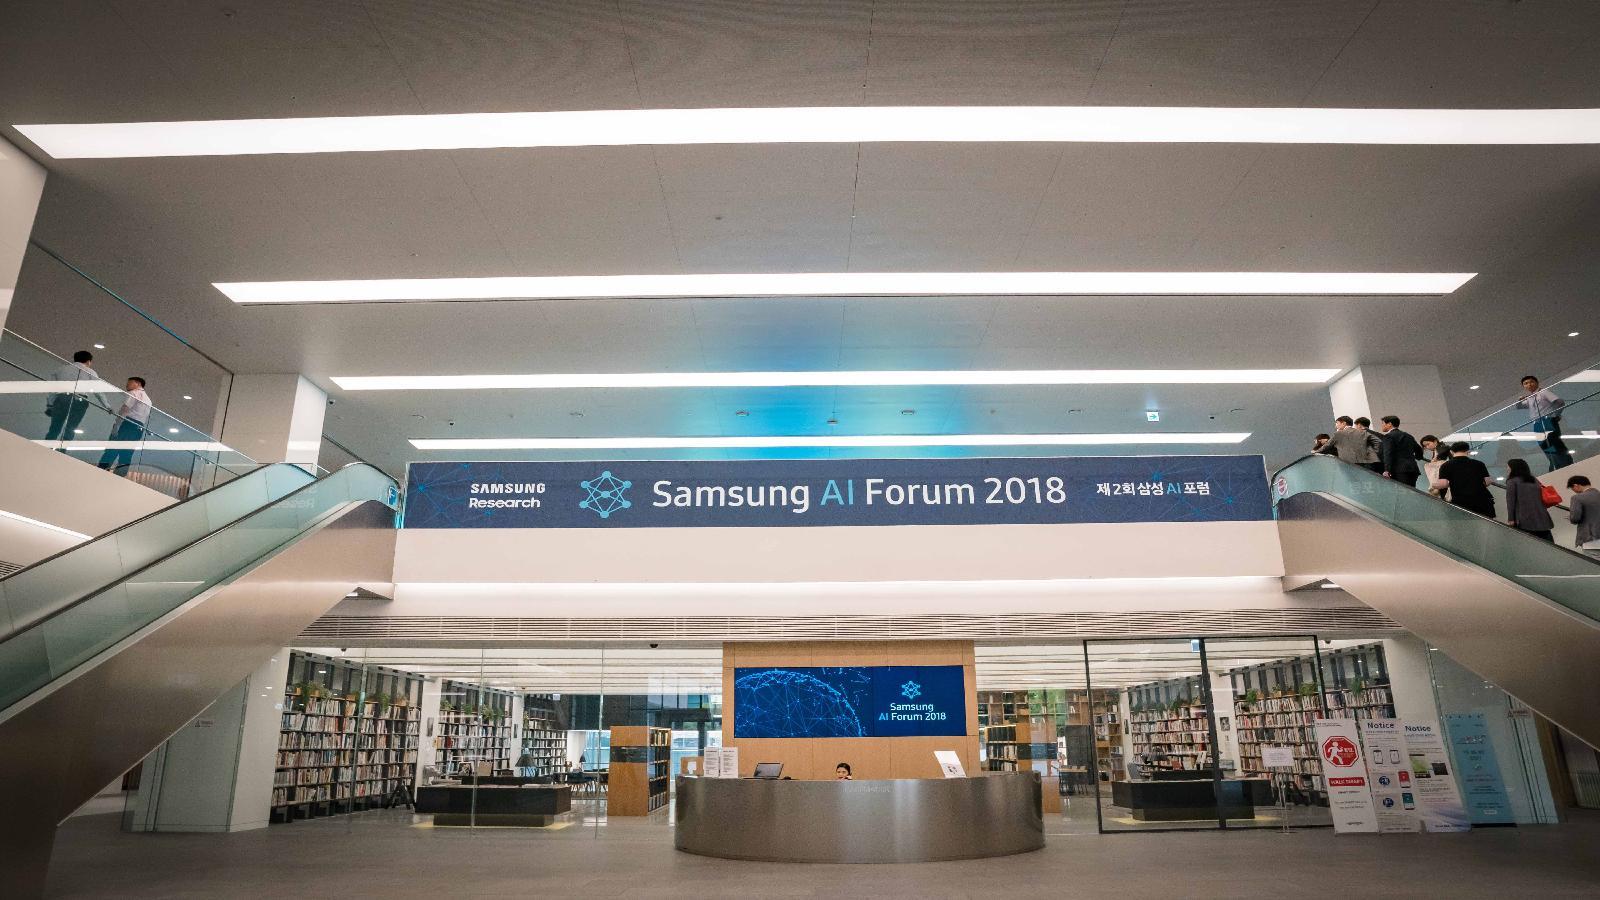 Samsung AI Forum 2018 2